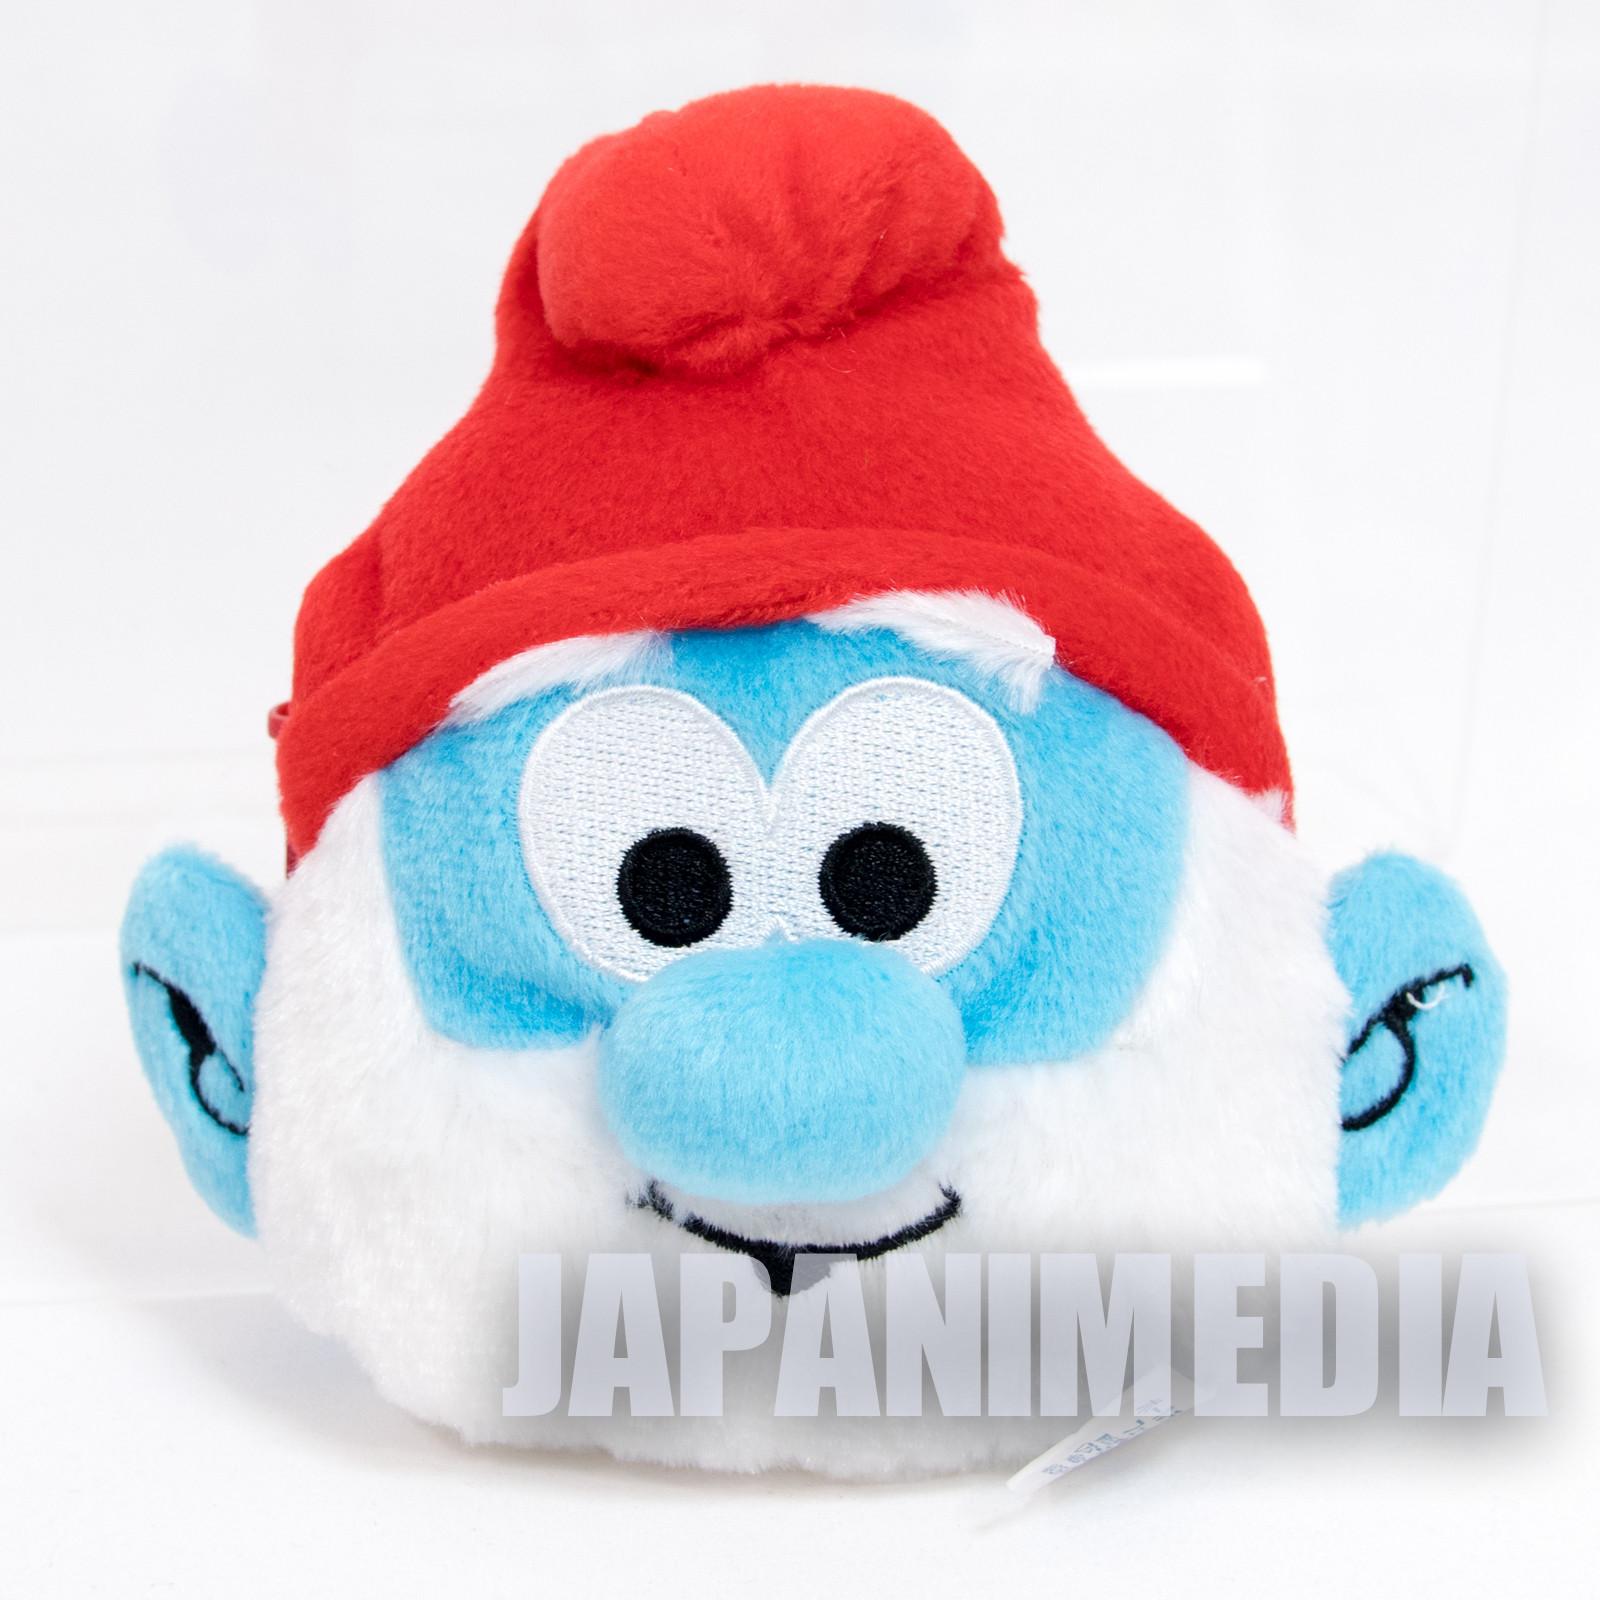 PaPa Smurf Face Type Plush Doll Pouch Mini Bag Ballchain JAPAN SMURFS